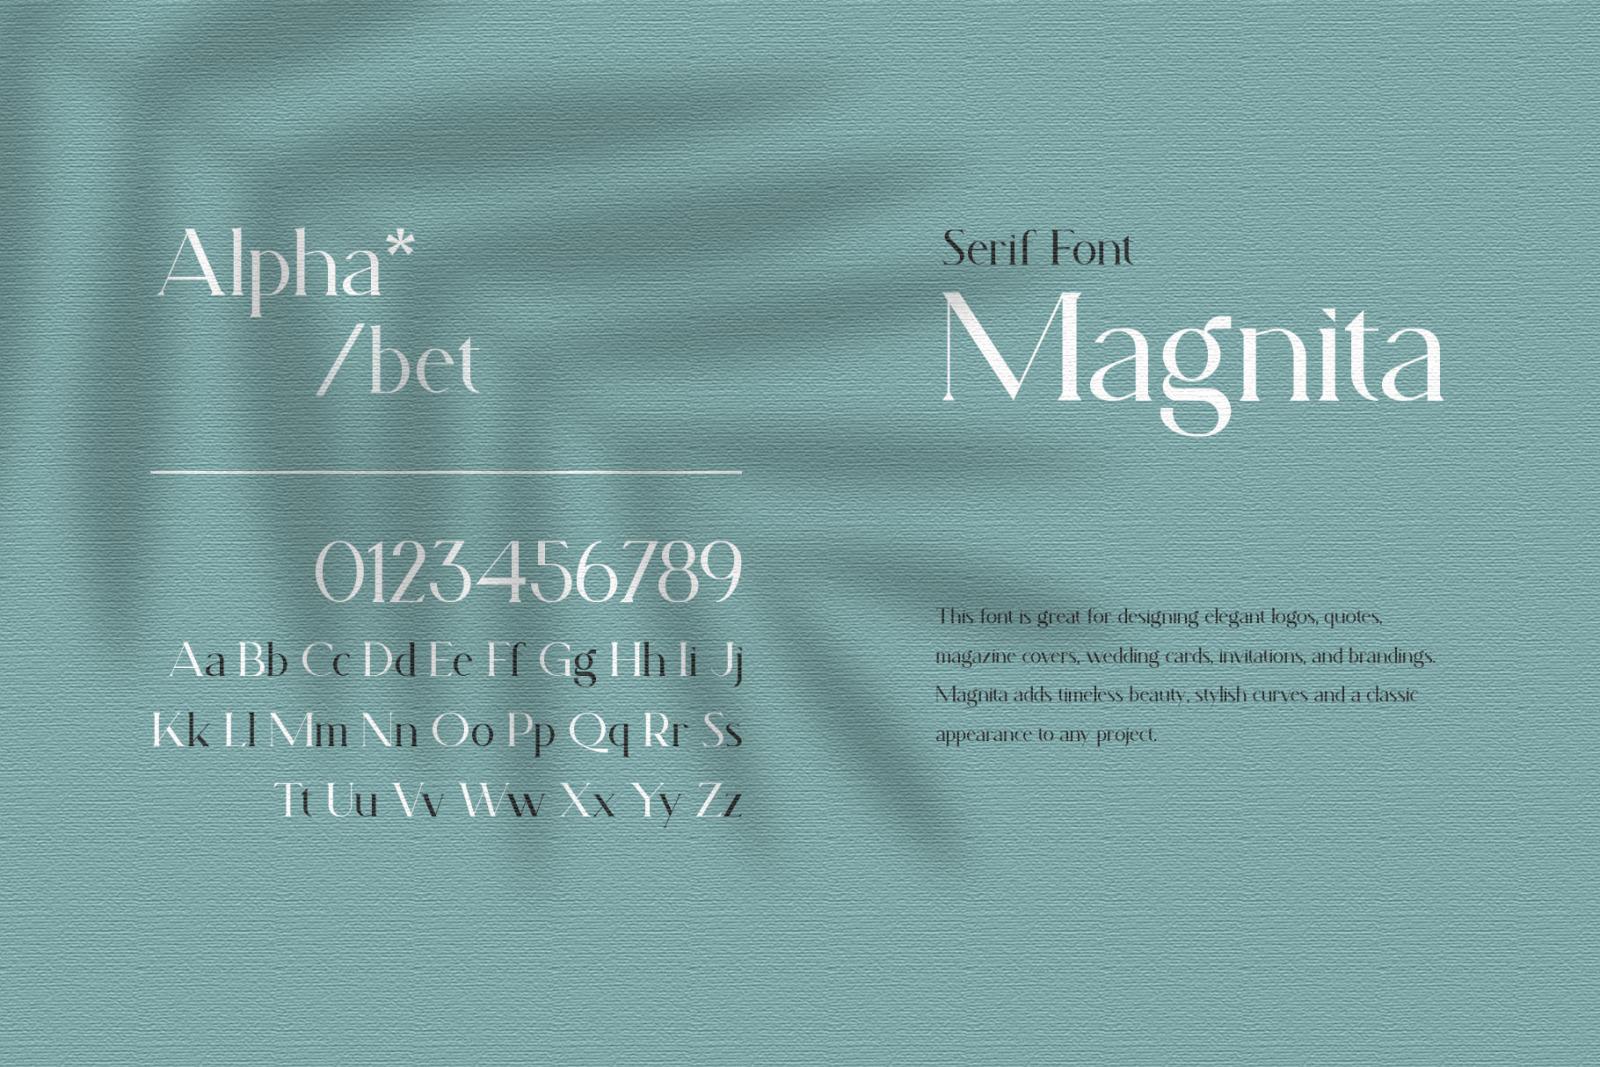 Magnita - Serif Font